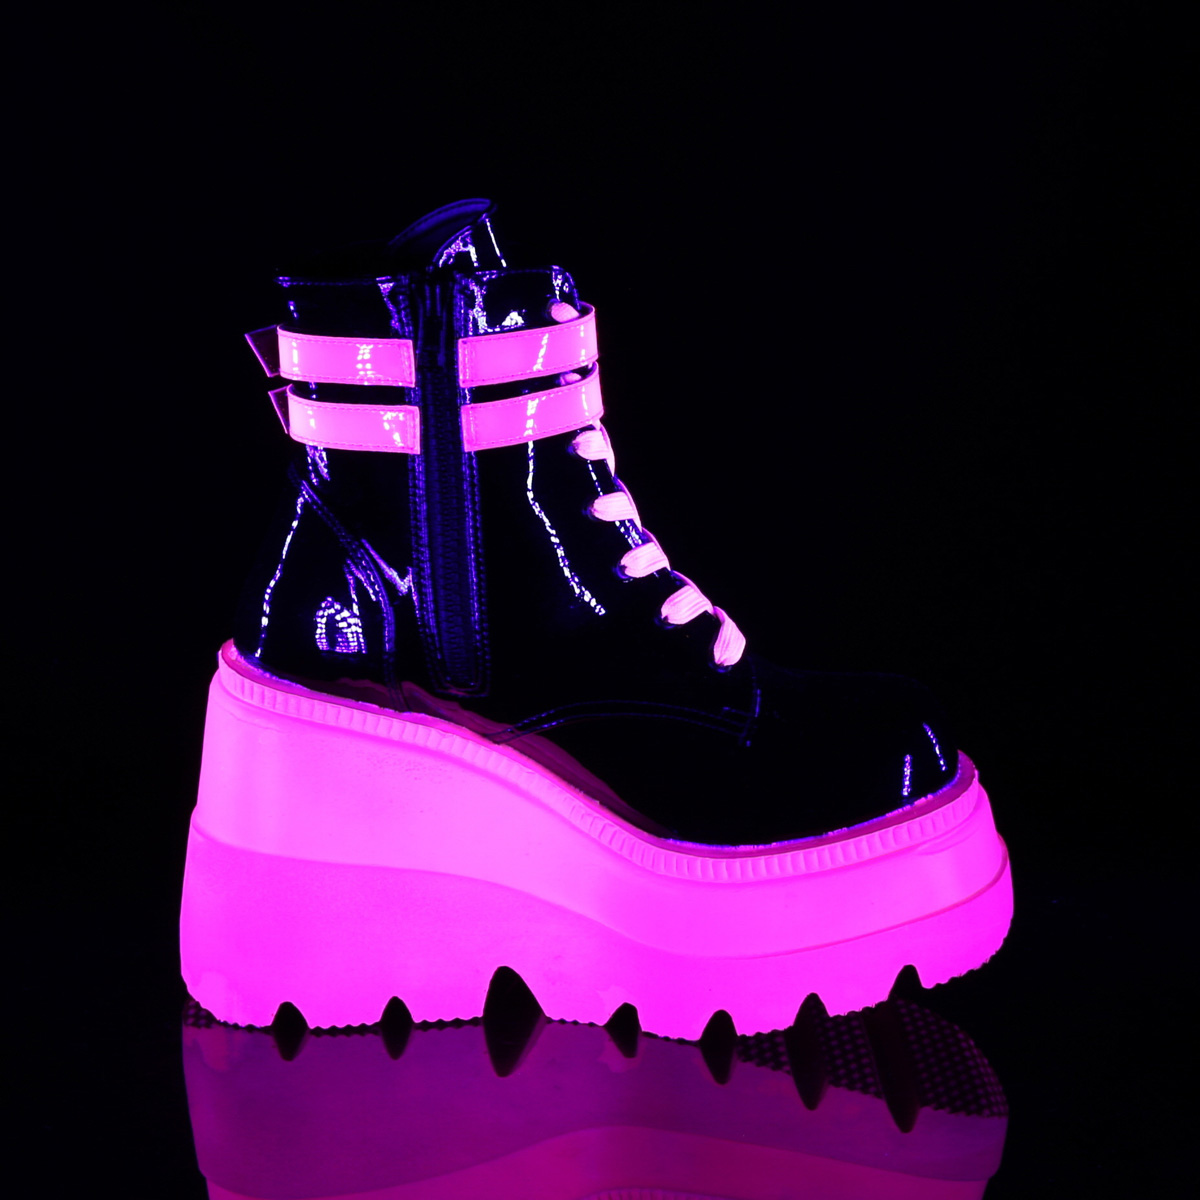 Demonia(デモニア) SHAKER-52 UV蛍光 ウェッジソール厚底ブーツ ブラックライト エナメル黒/ネオンピンク◆取り寄せ